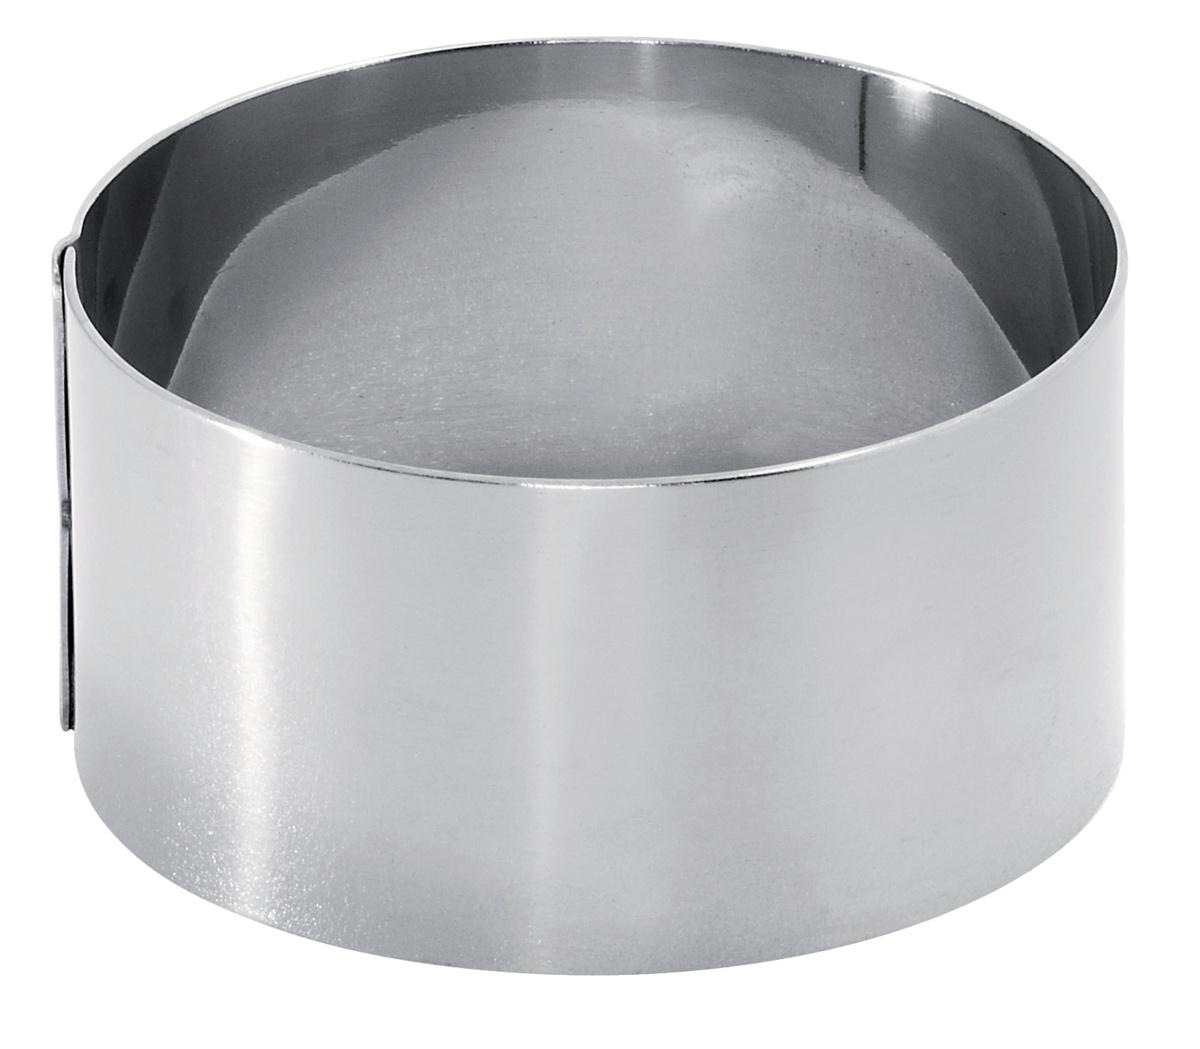 Cercle à mousse rond Ø 7,5 cm